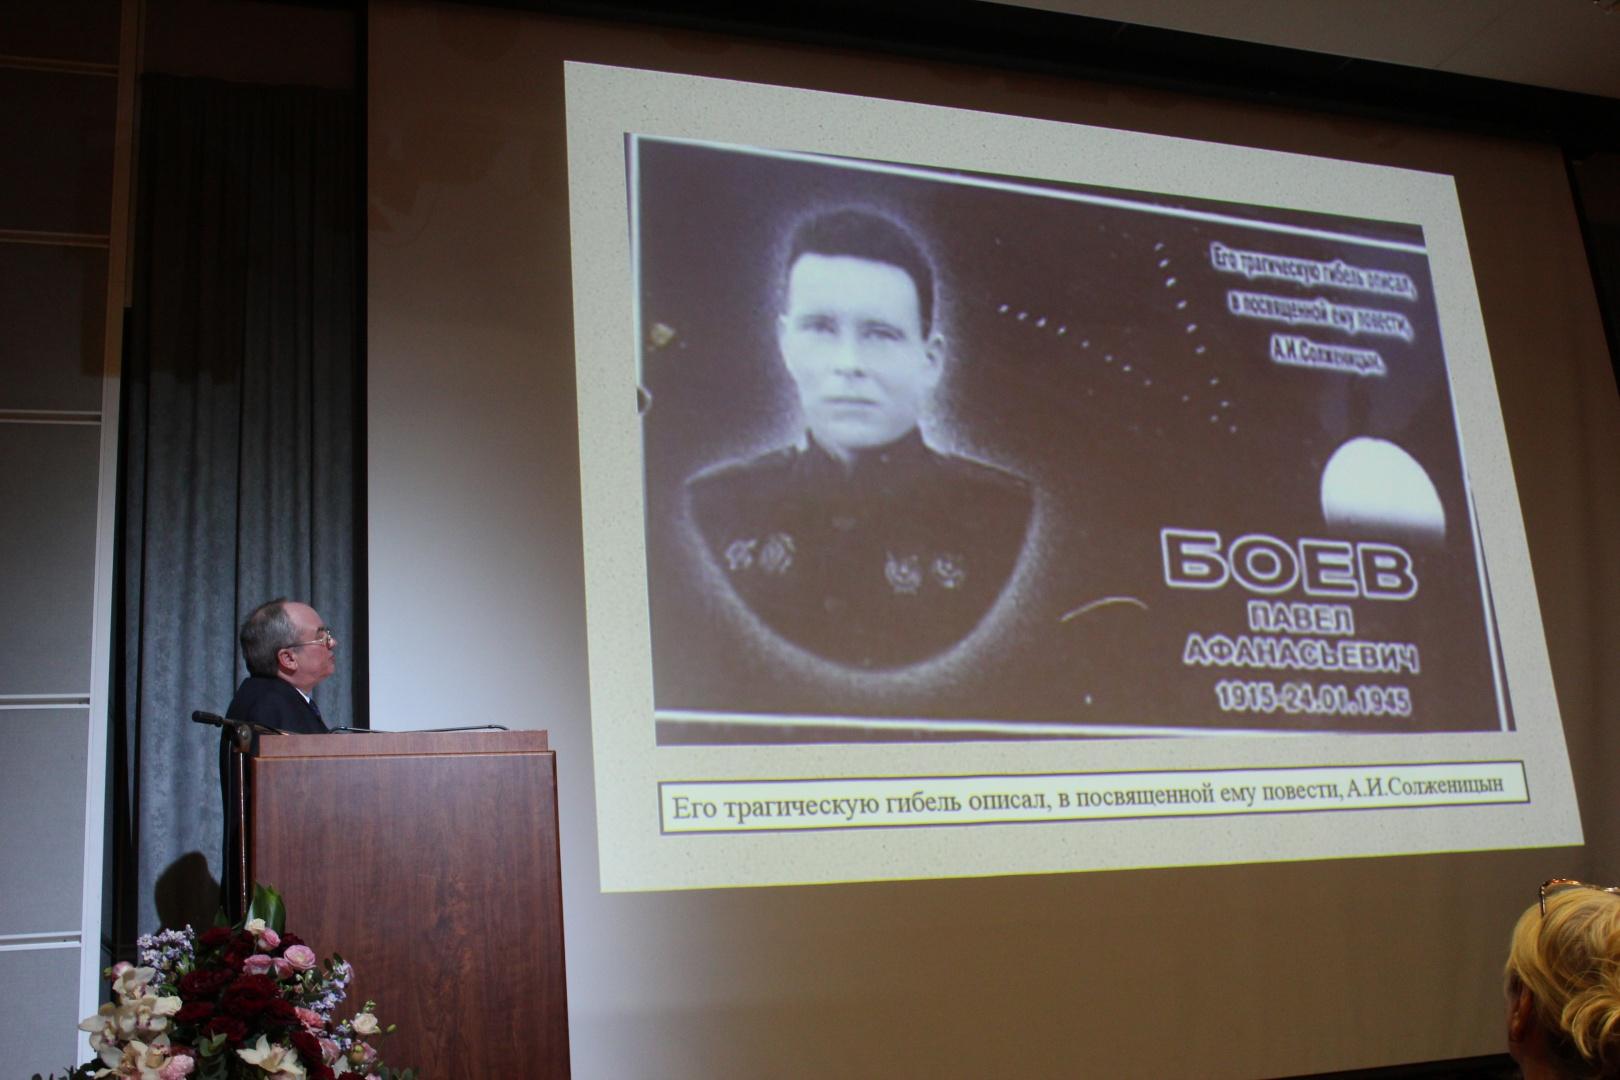 20181213-Международная конференция Солженицын-pic3